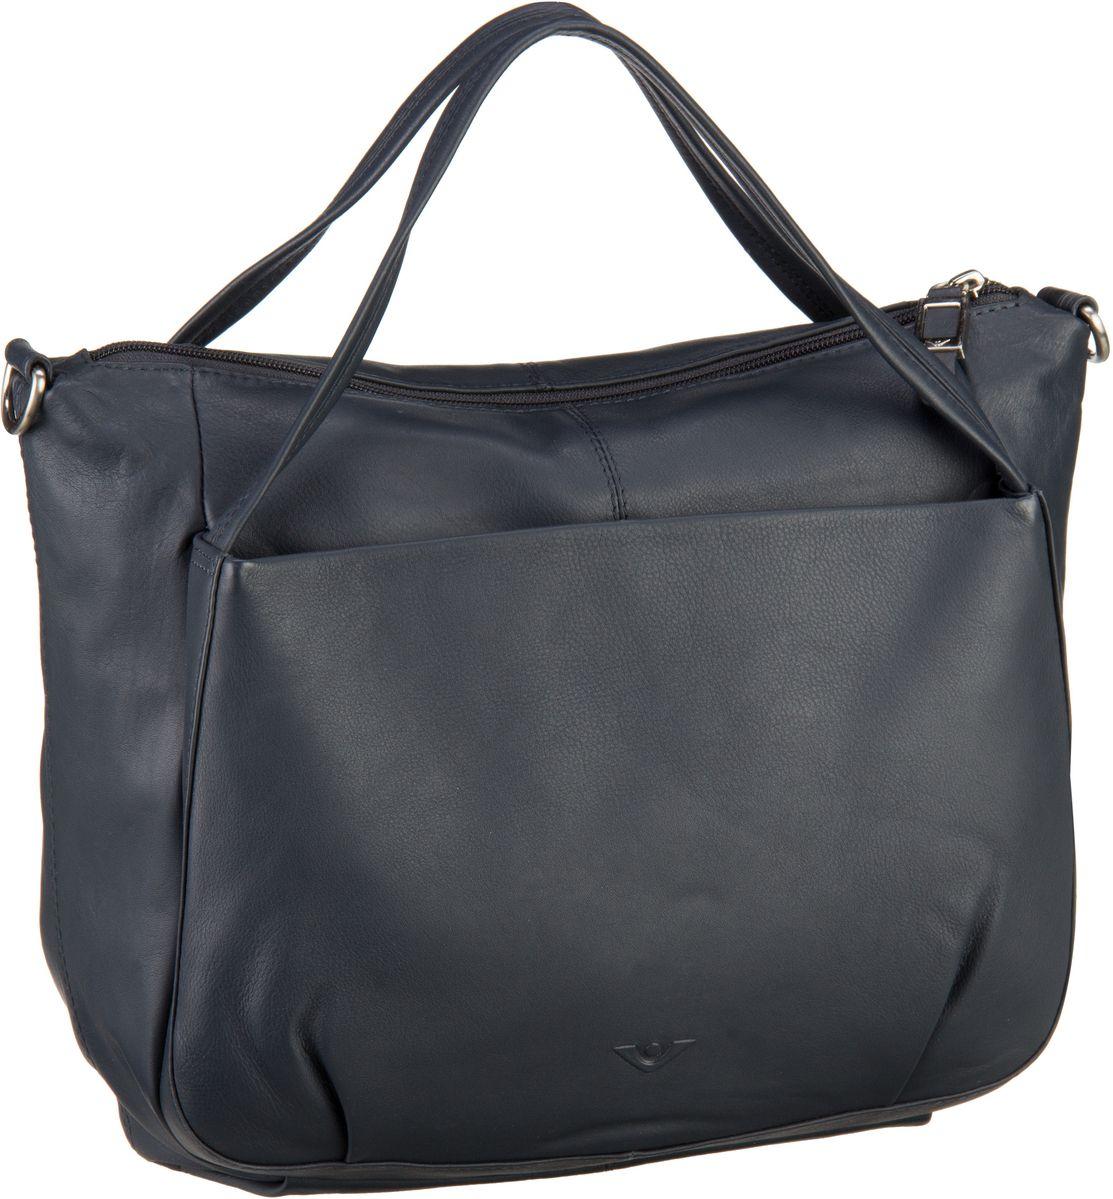 Handtaschen für Frauen - Voi Handtasche Soft 20761 Kurzgrifftasche Blau (innen Grün)  - Onlineshop Taschenkaufhaus